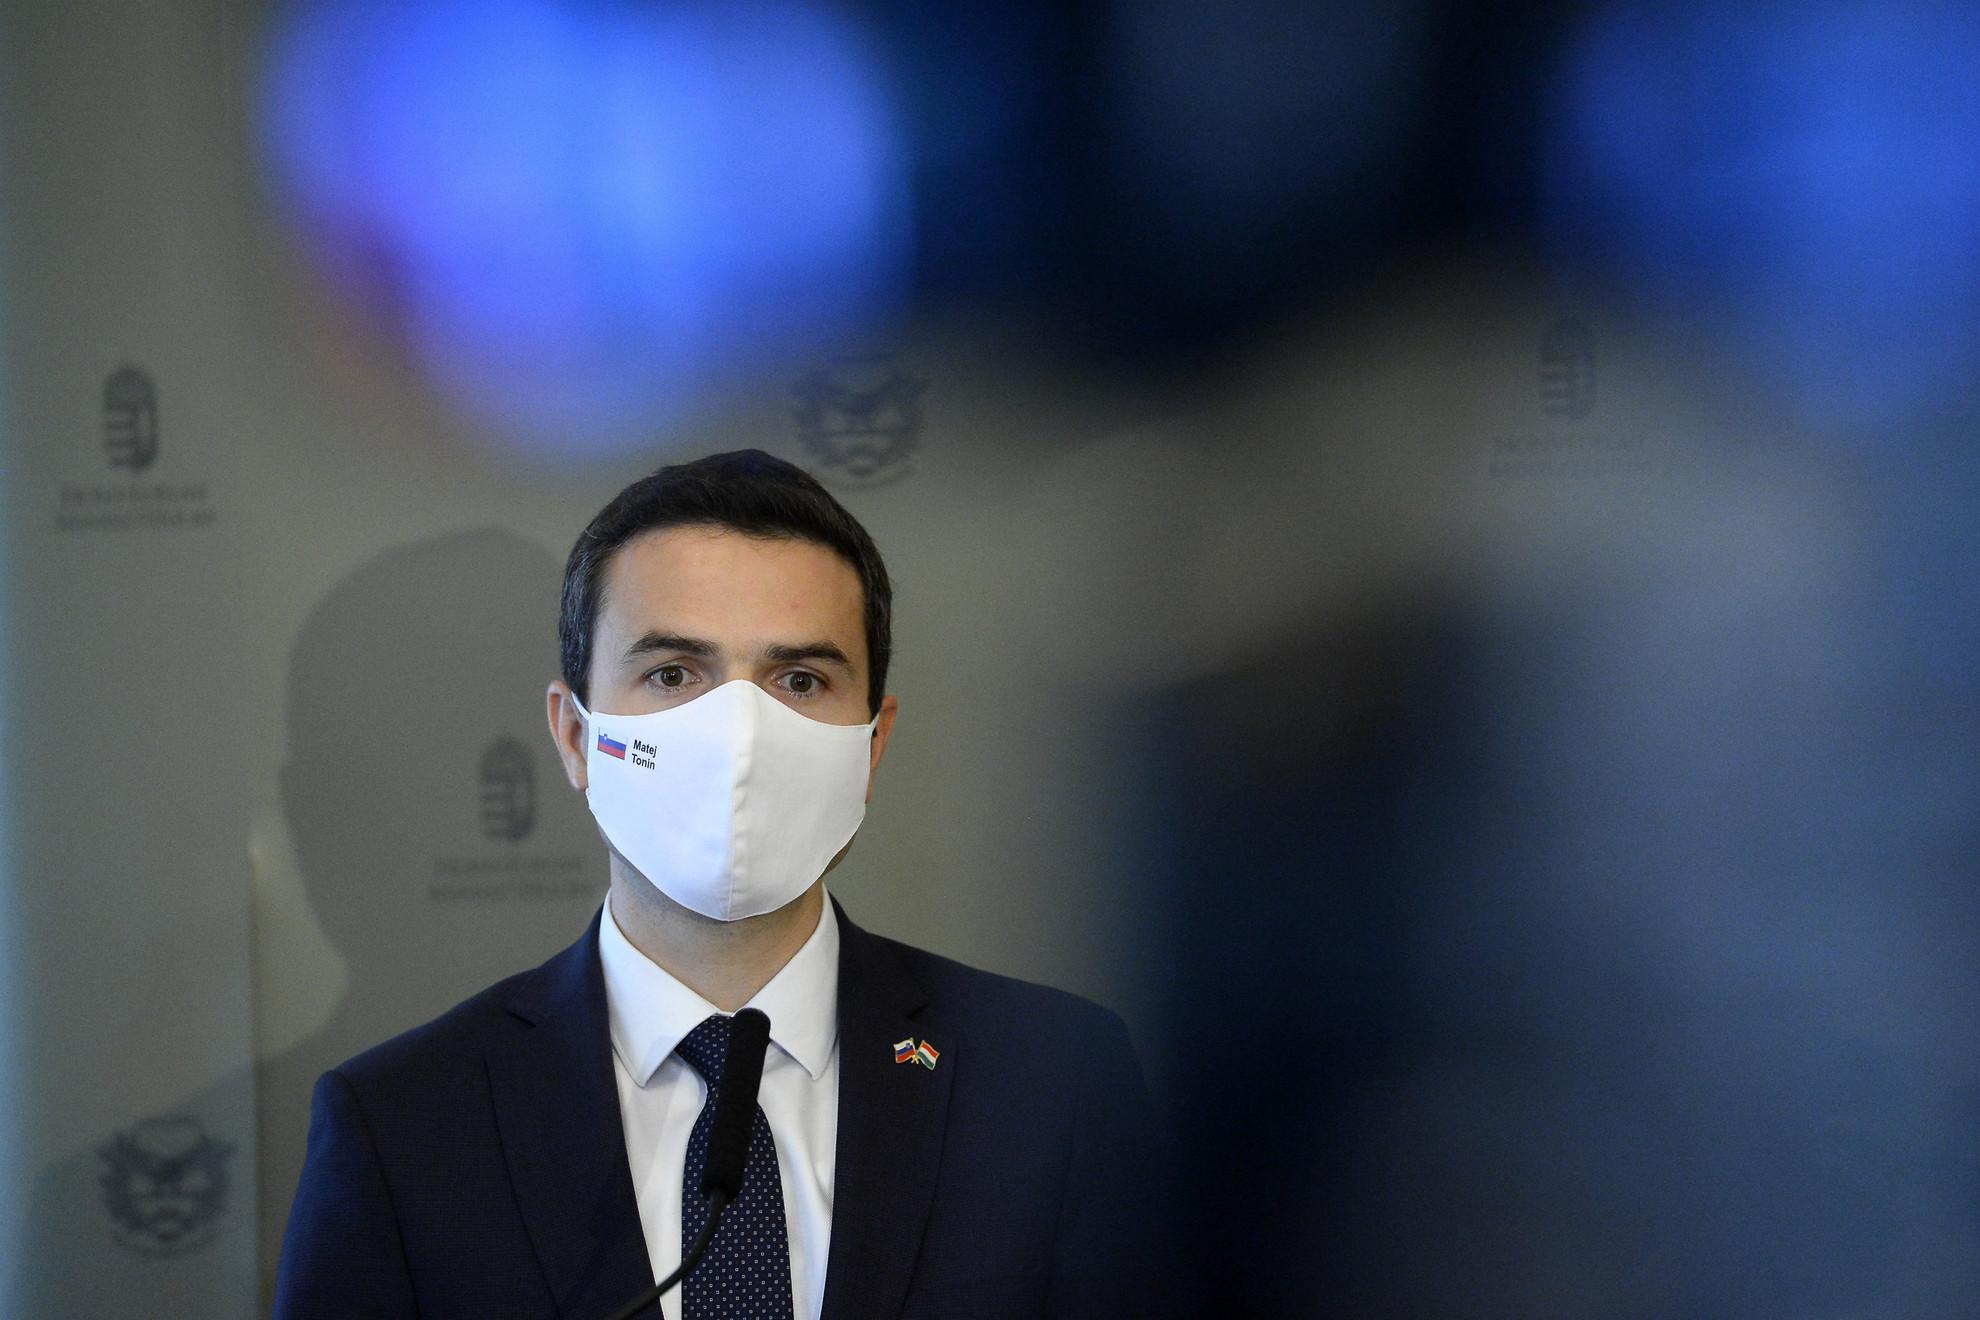 Matej Tonin szlovén védelmi miniszter